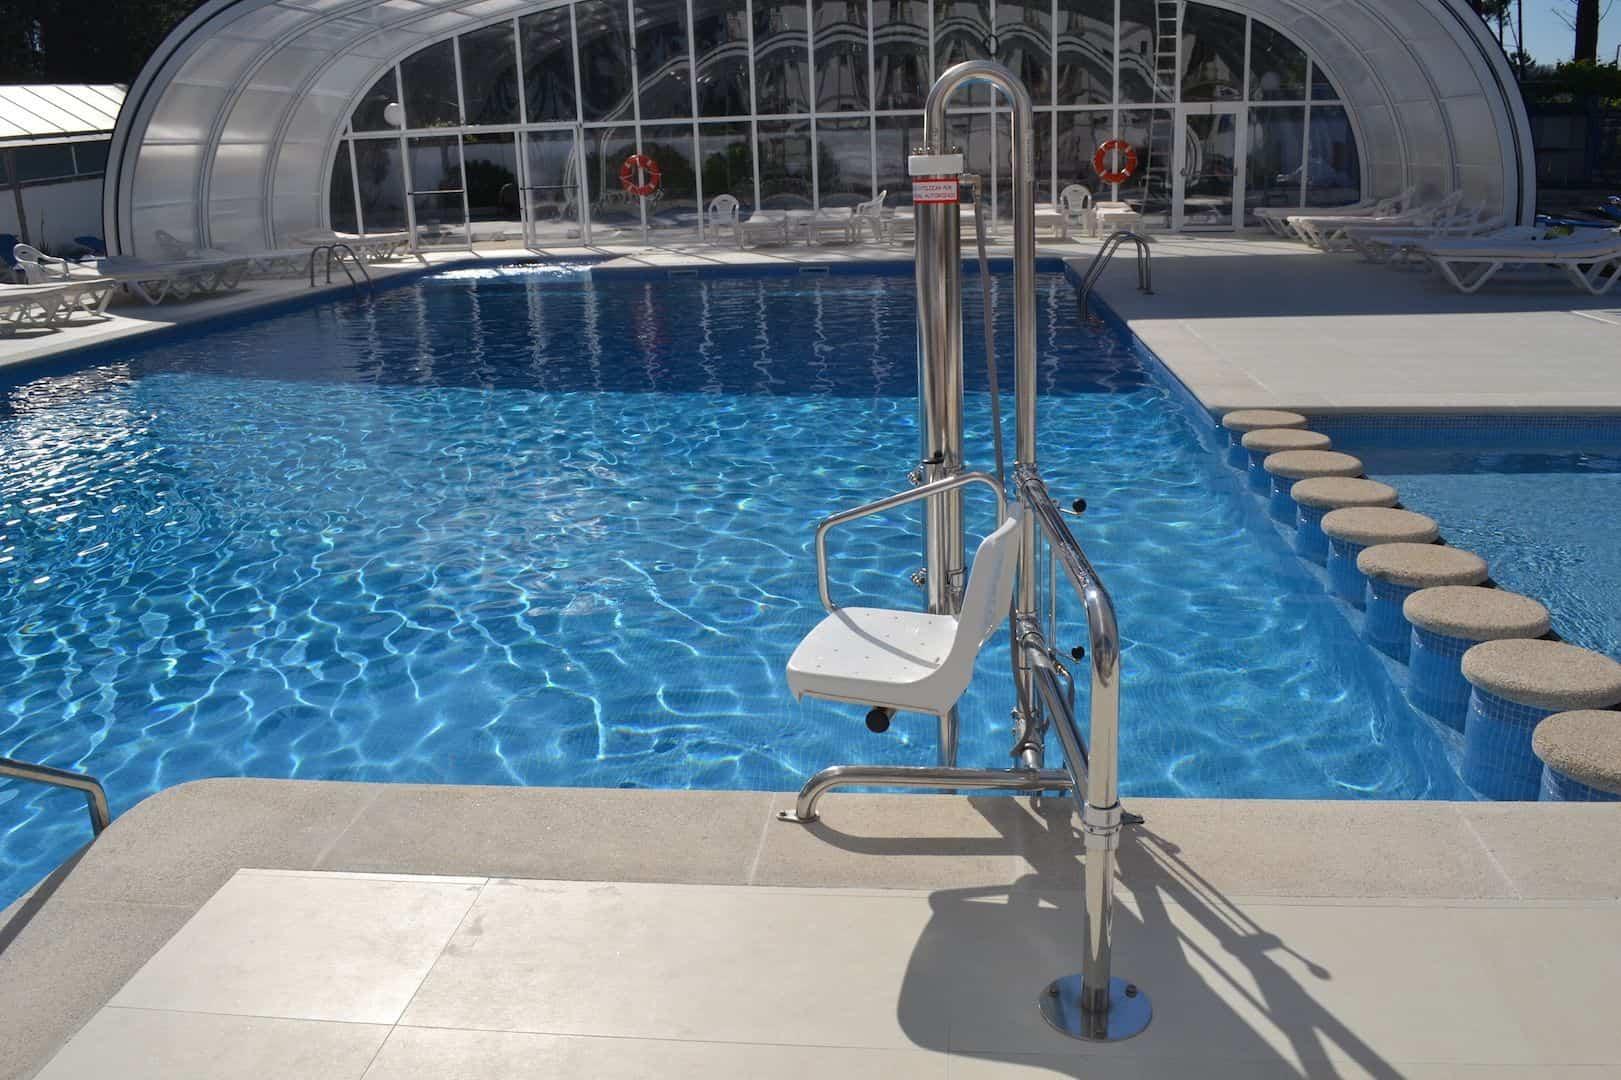 Piscinas accesibles todo disca blog sobre discapacidad y for Escaleras de piscinas para personas mayores